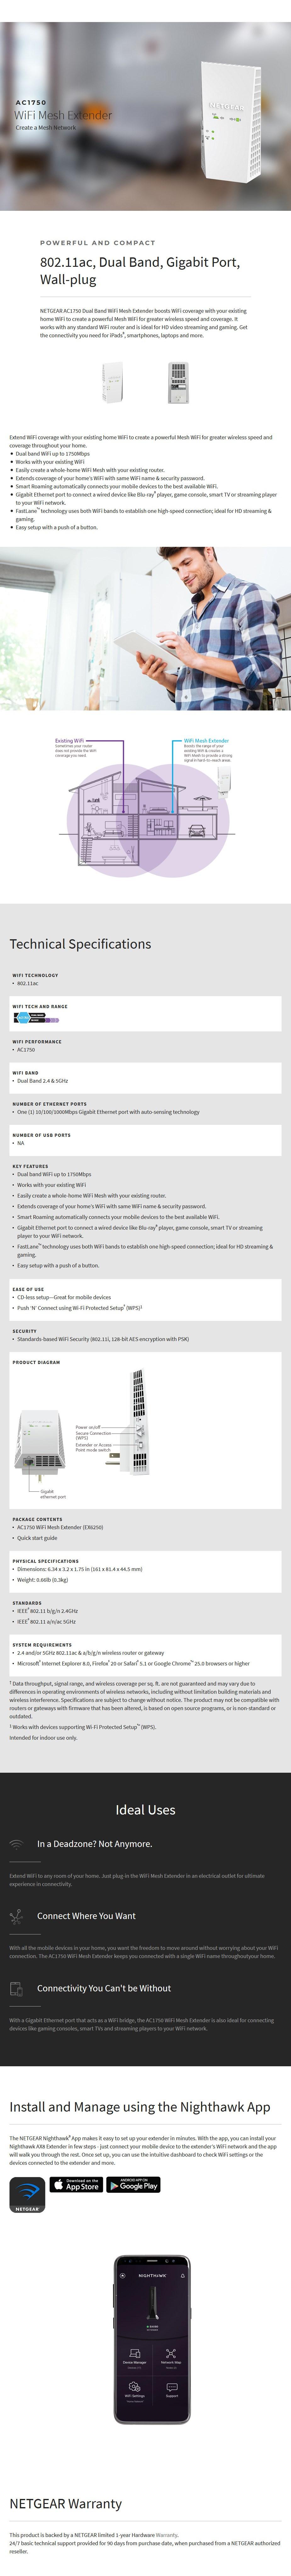 Netgear EX6250 Dual Band AC1750 WiFi Mesh Extender - Desktop Overview 1